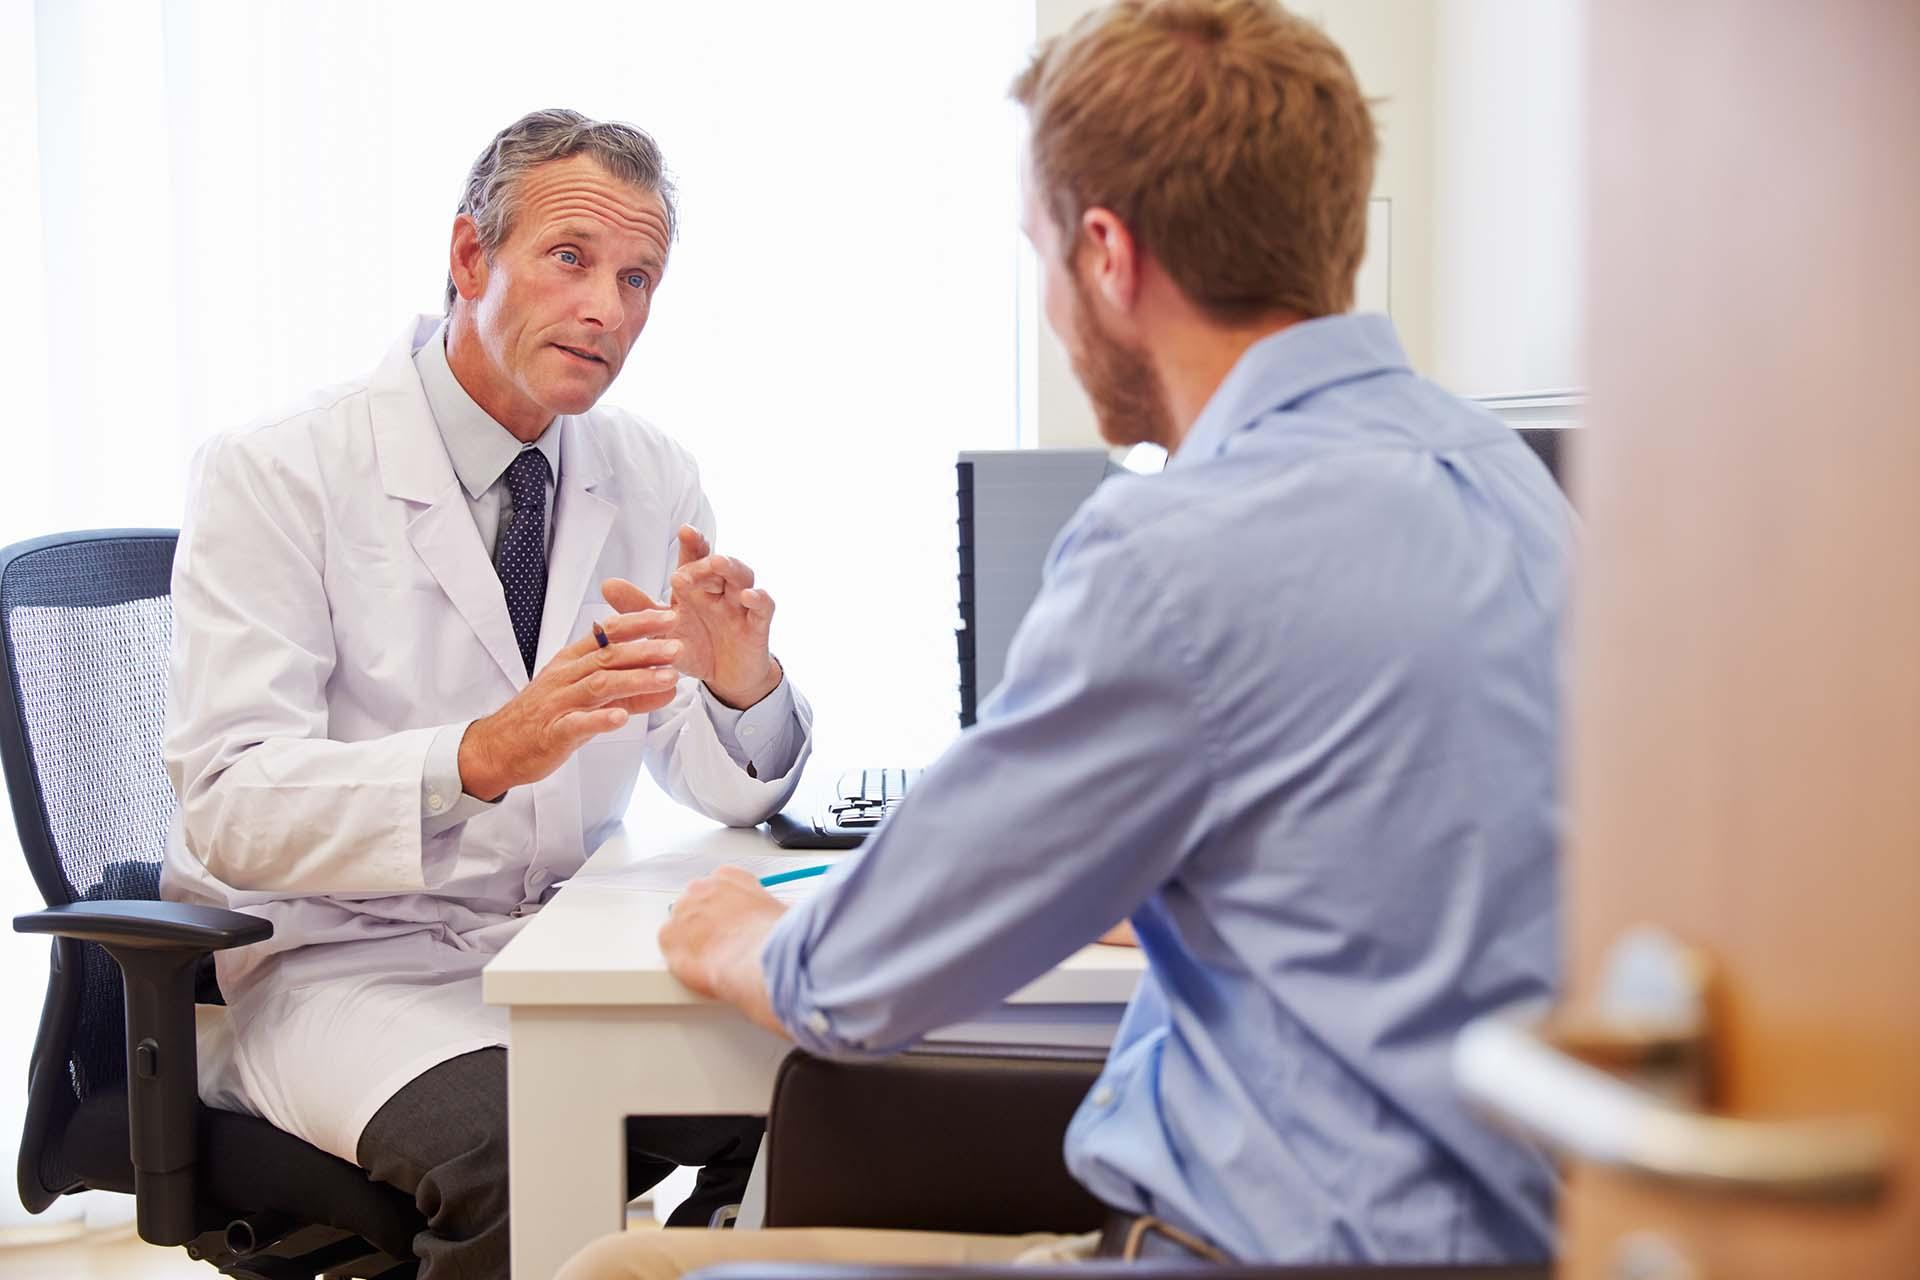 Evoluția cercetării clinice în domeniul medical